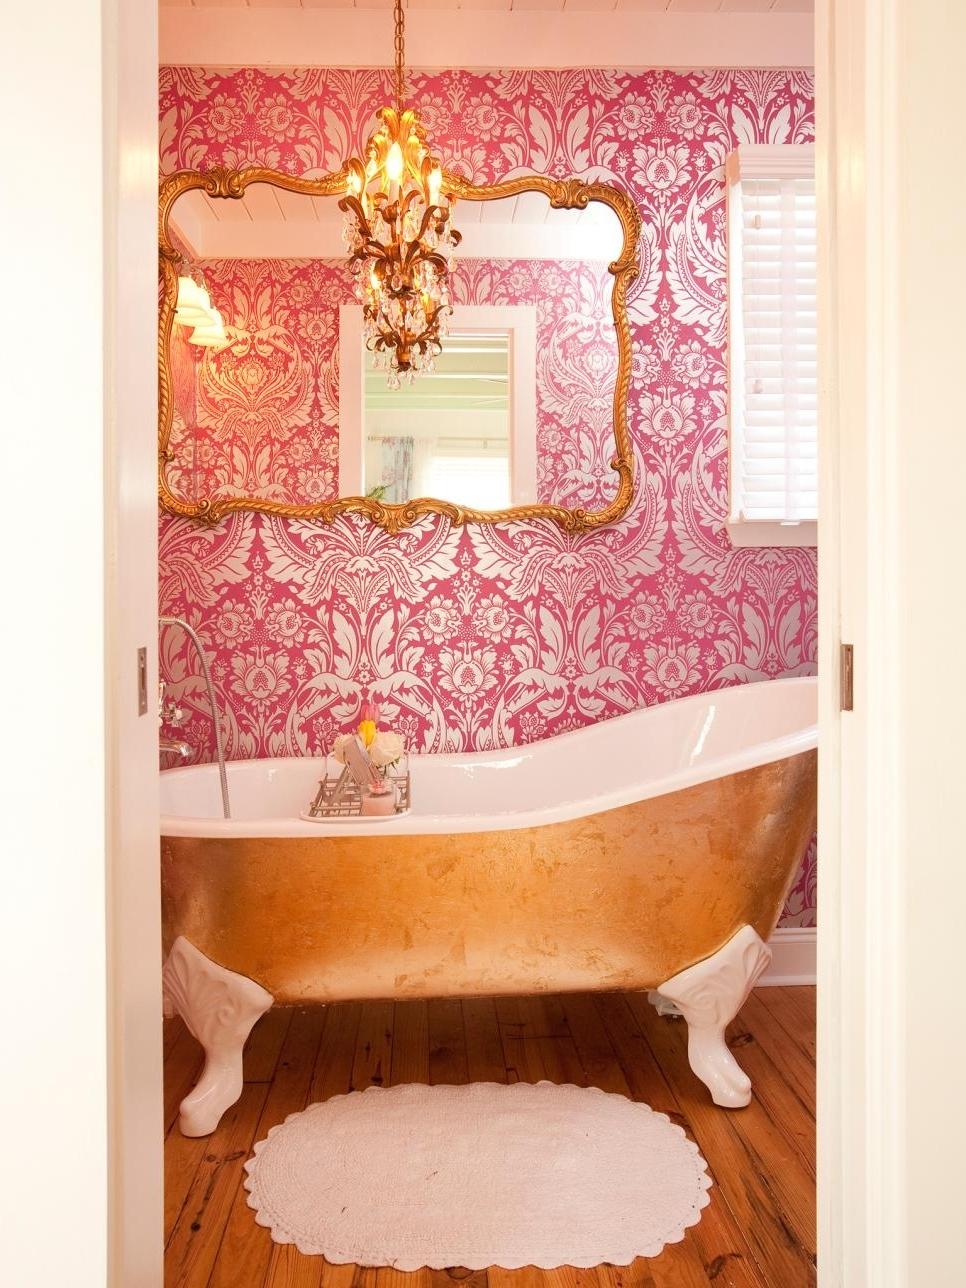 Chandelier Bathroom Lighting Uk Ideas (View 13 of 20)